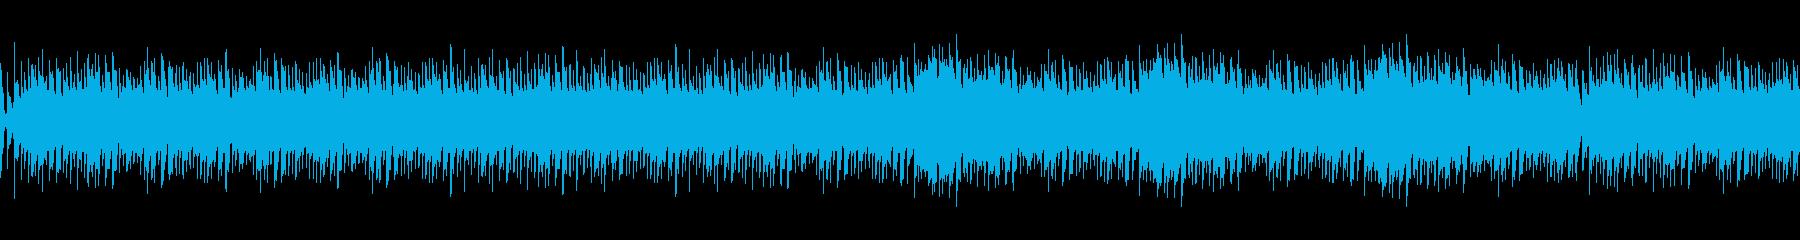 ニュースやナレーション用BGMループの再生済みの波形